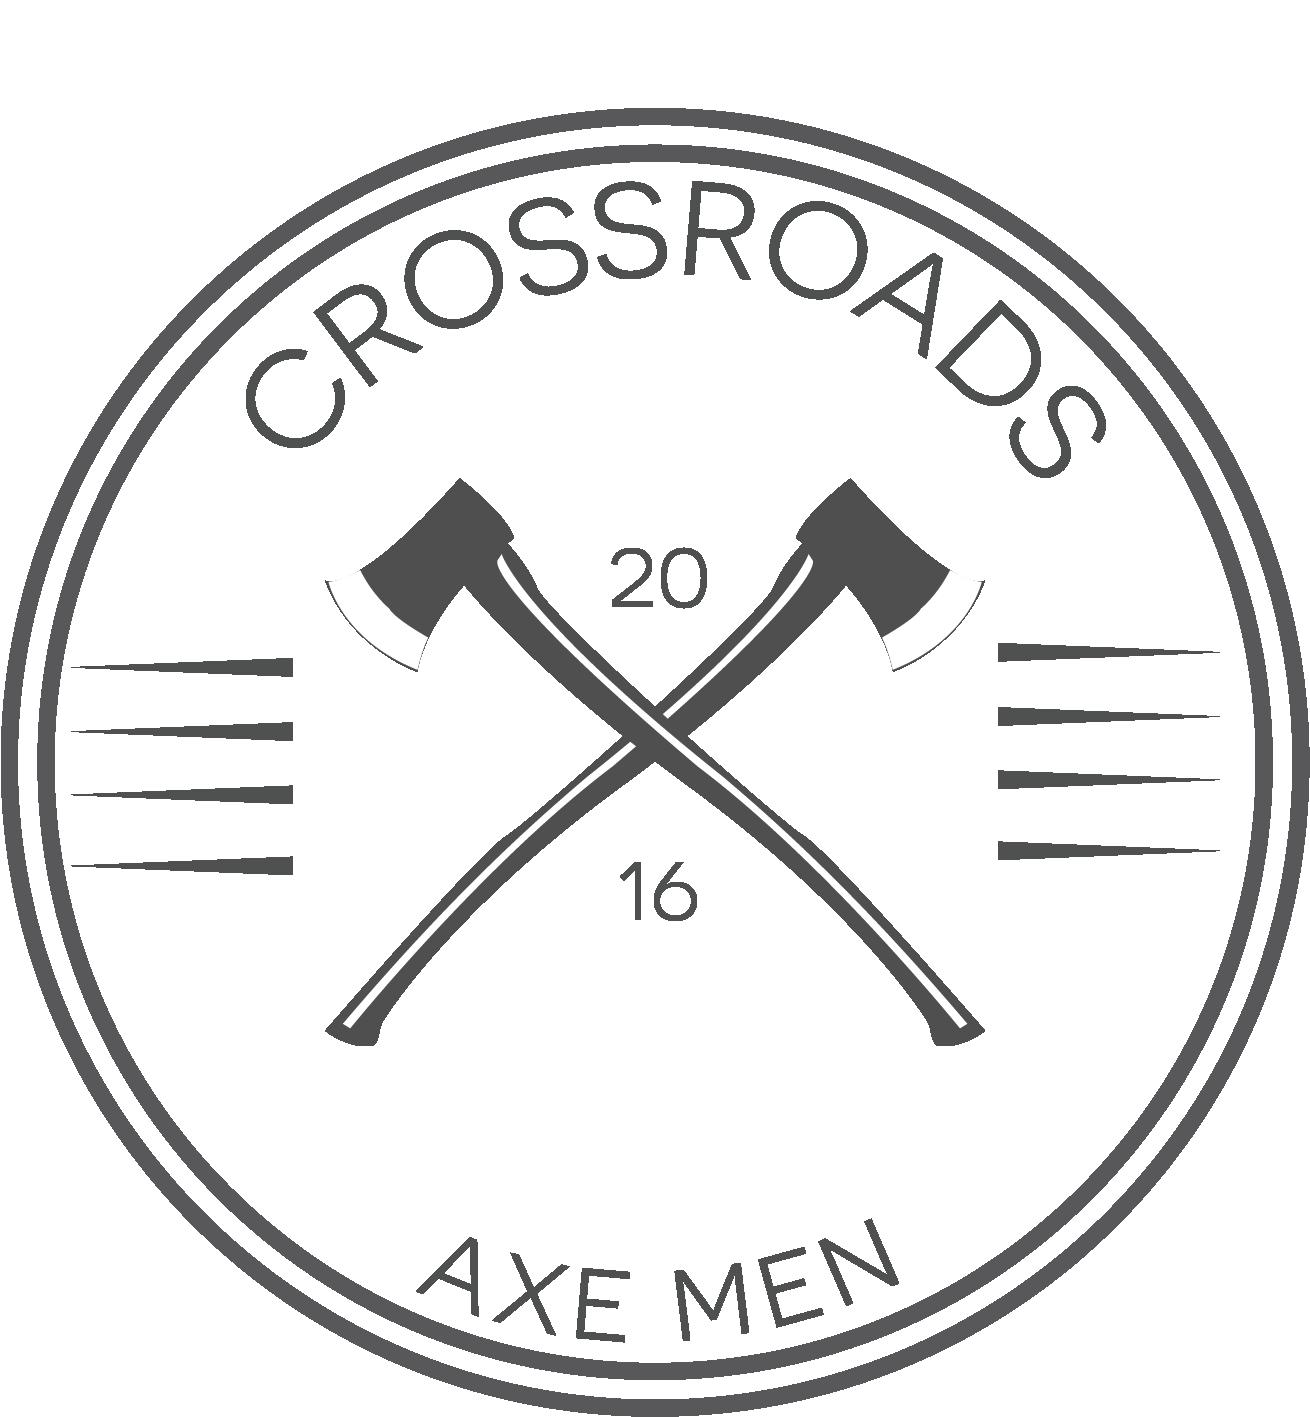 axe men.png